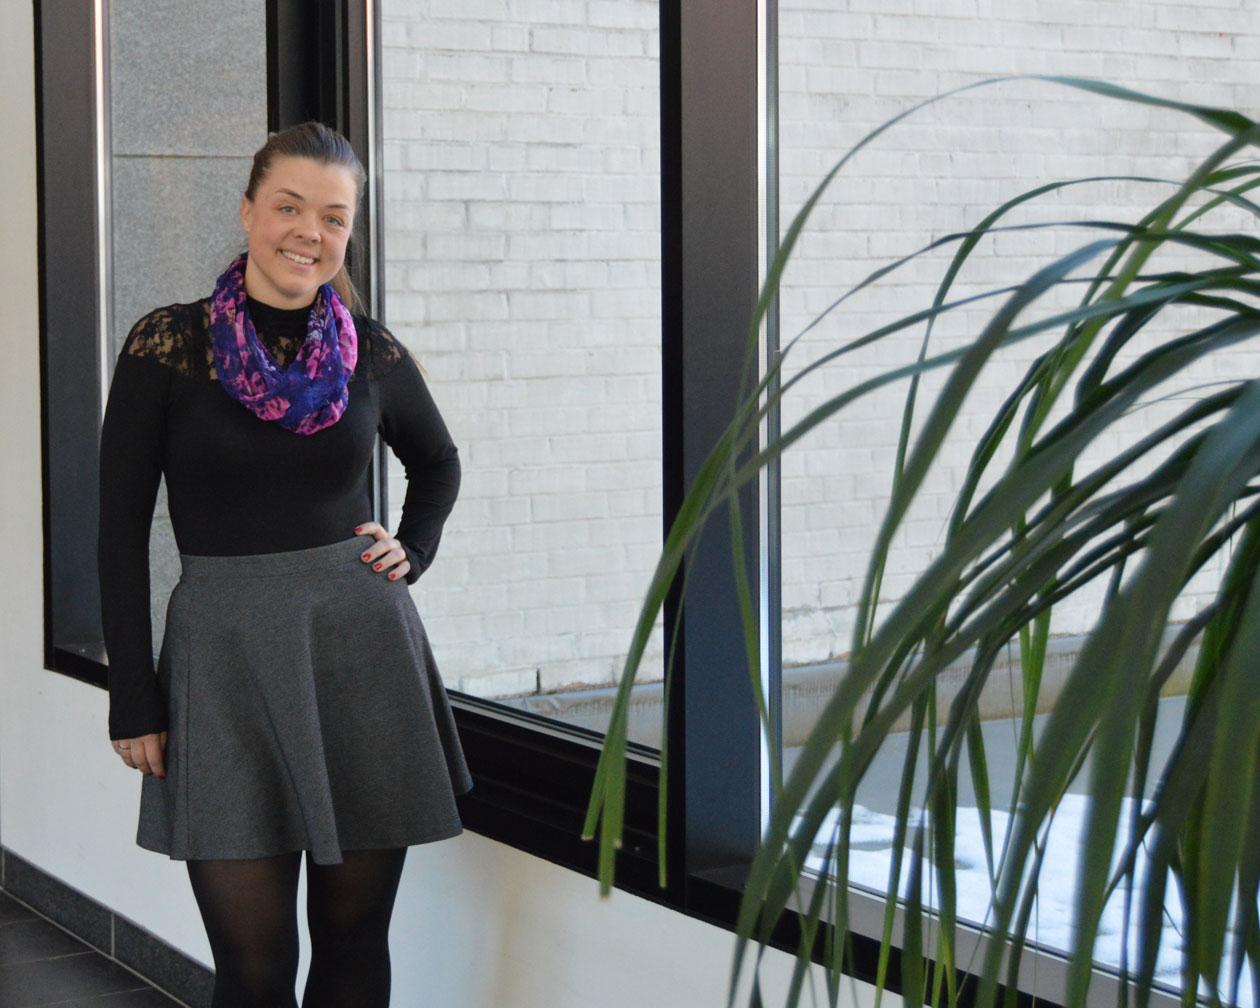 Kristine Dybdahl star ved vindet i Grasona ved Nord universitet